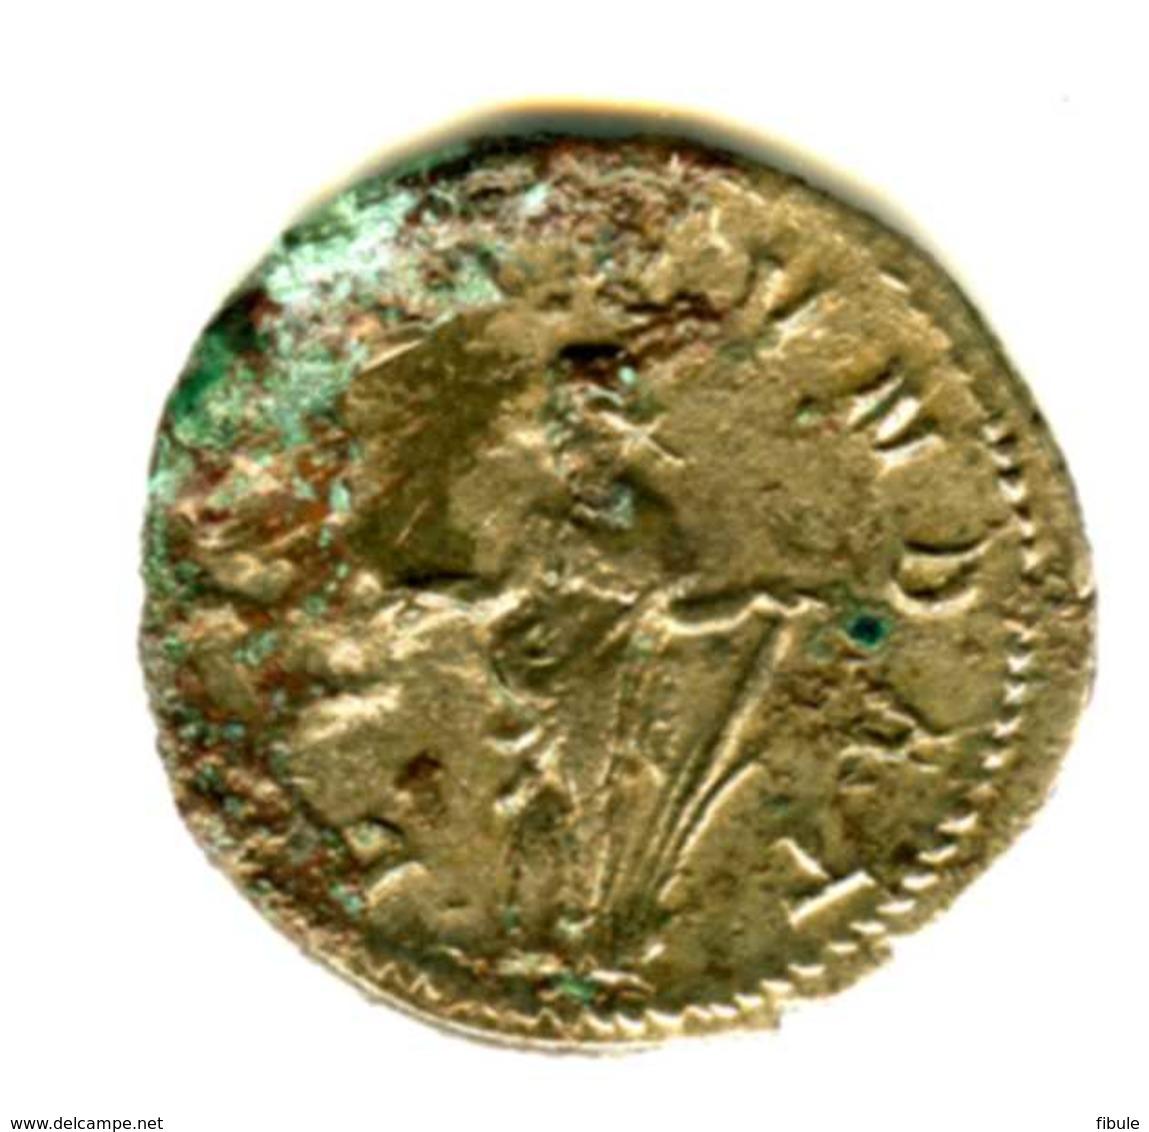 Monnaie Romaine De PHILIPPE 244-249 - 5. L'Anarchie Militaire (235 à 284)